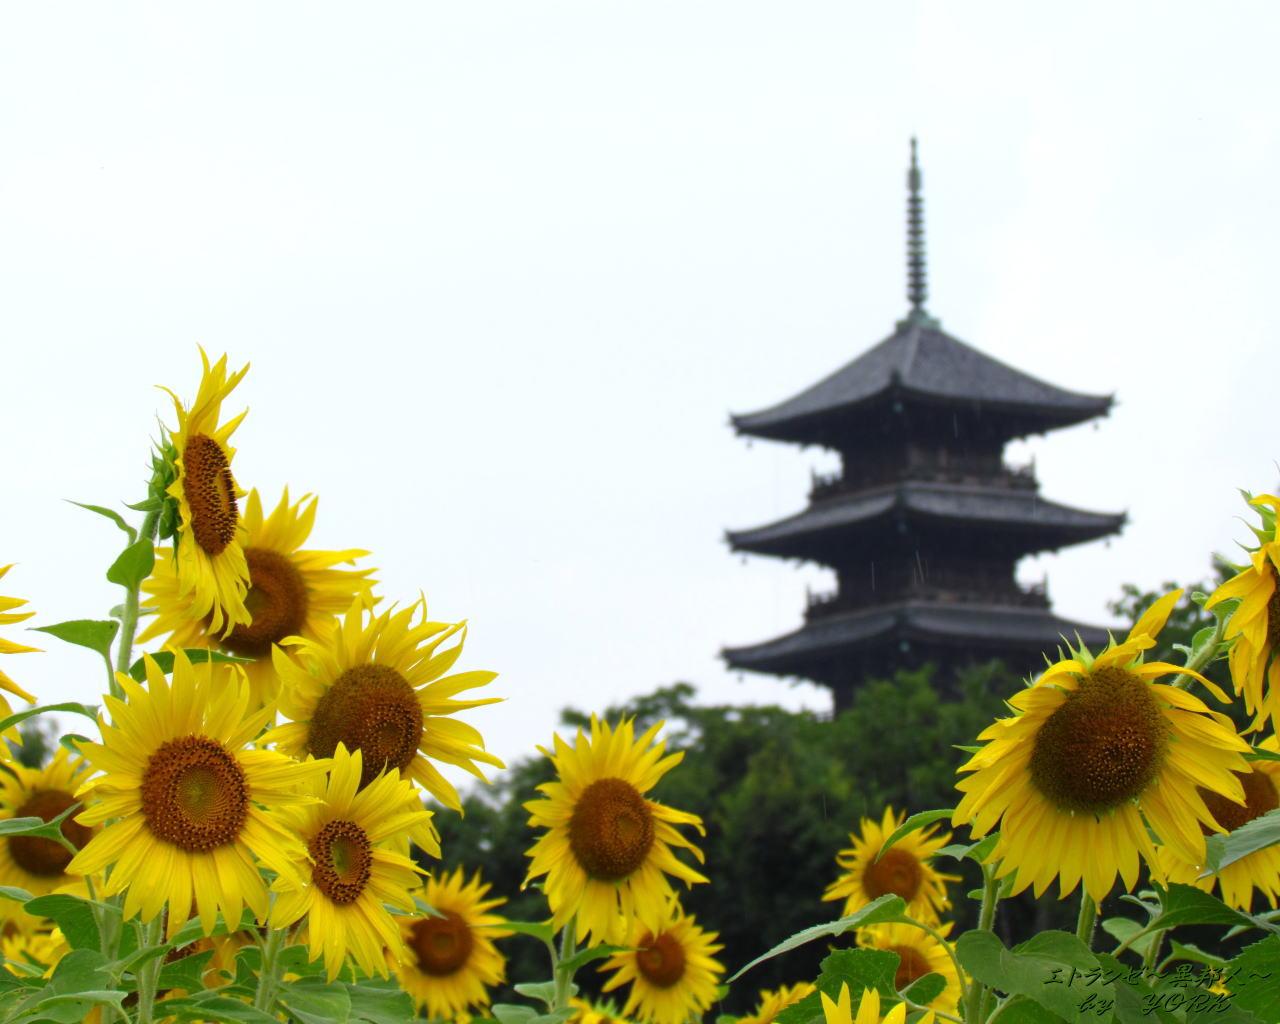 壁紙 向日葵と五重塔 エトランゼ 異邦人